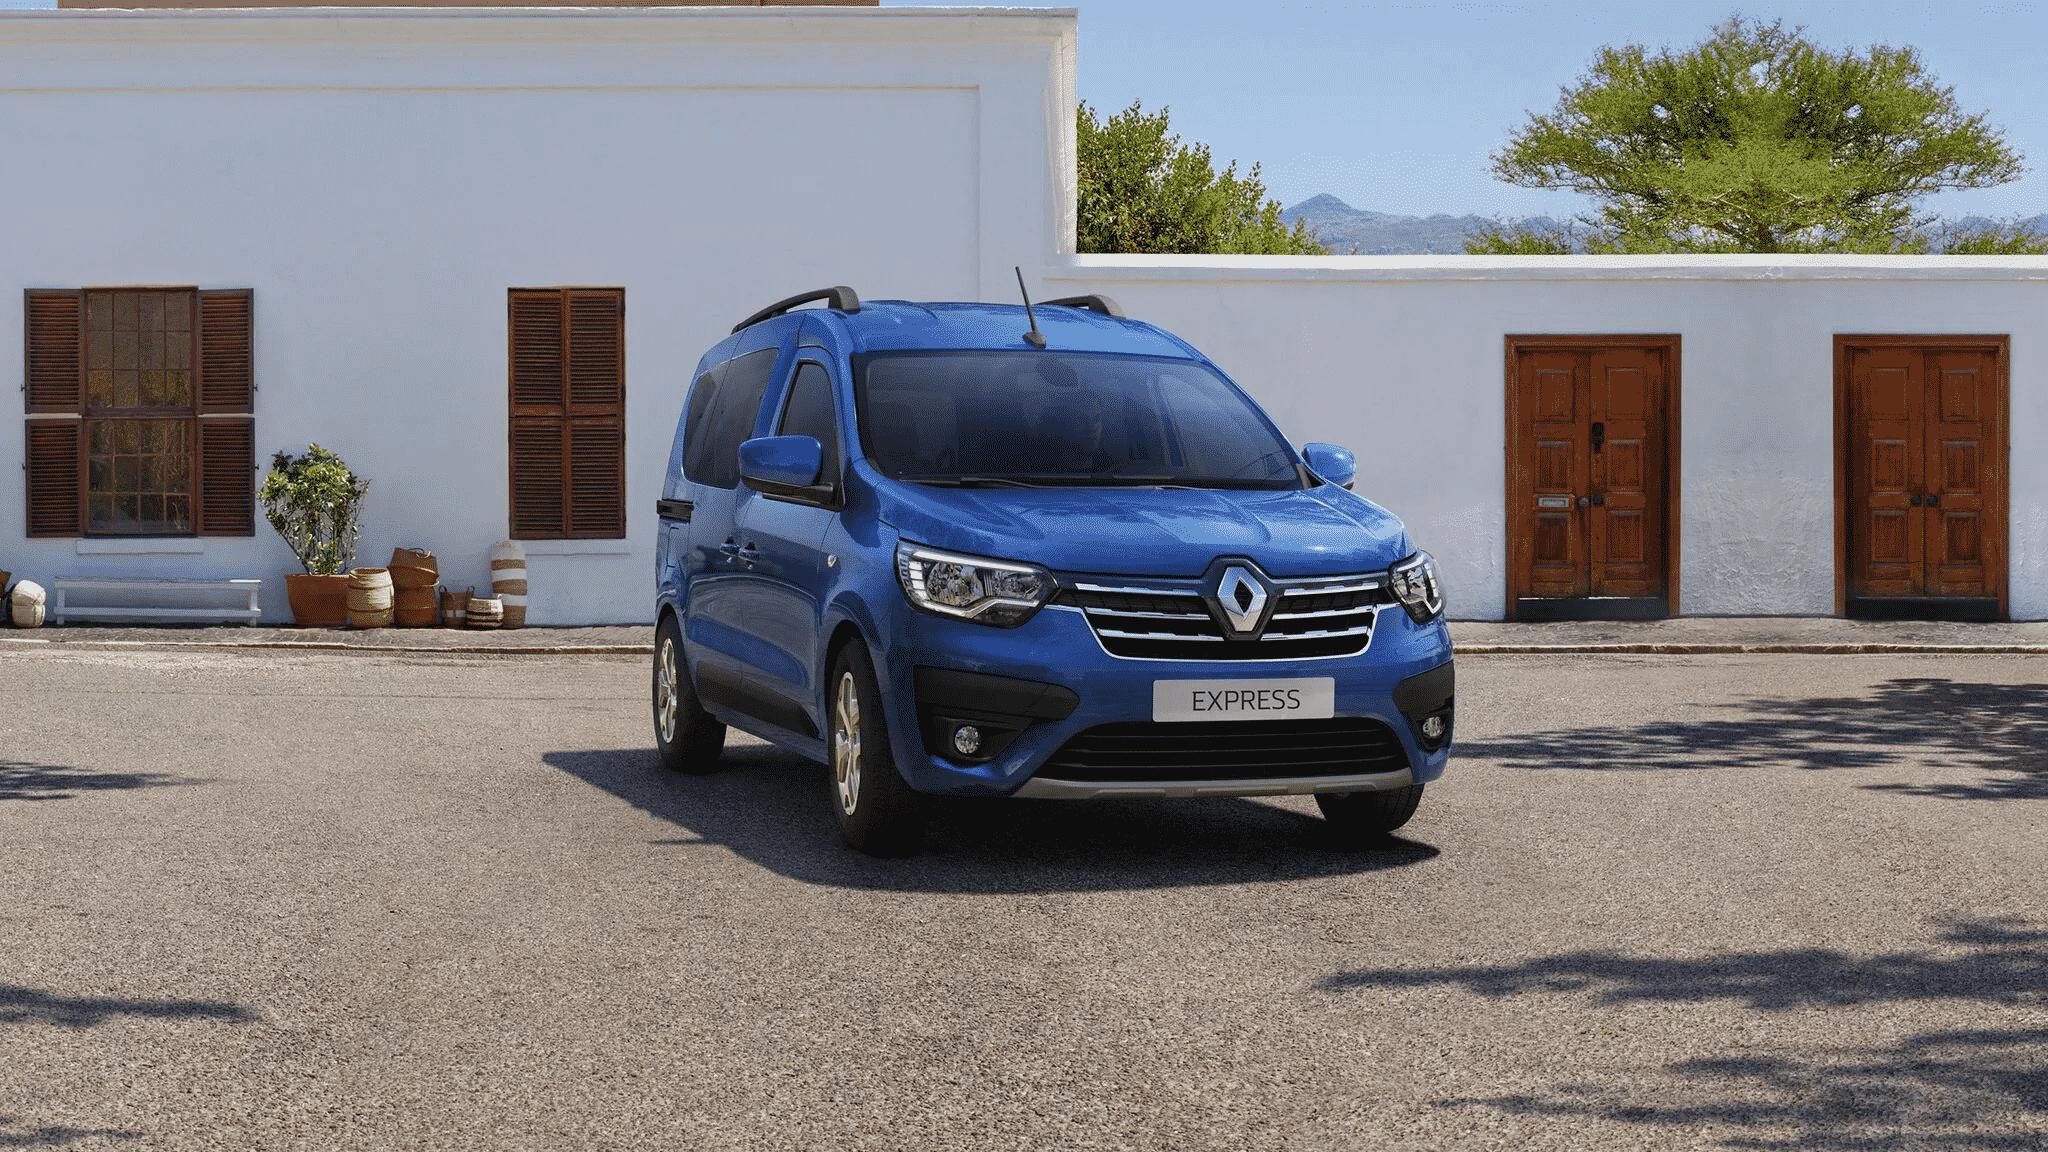 Новий Renault EXPRESS фото екстер'єру 1